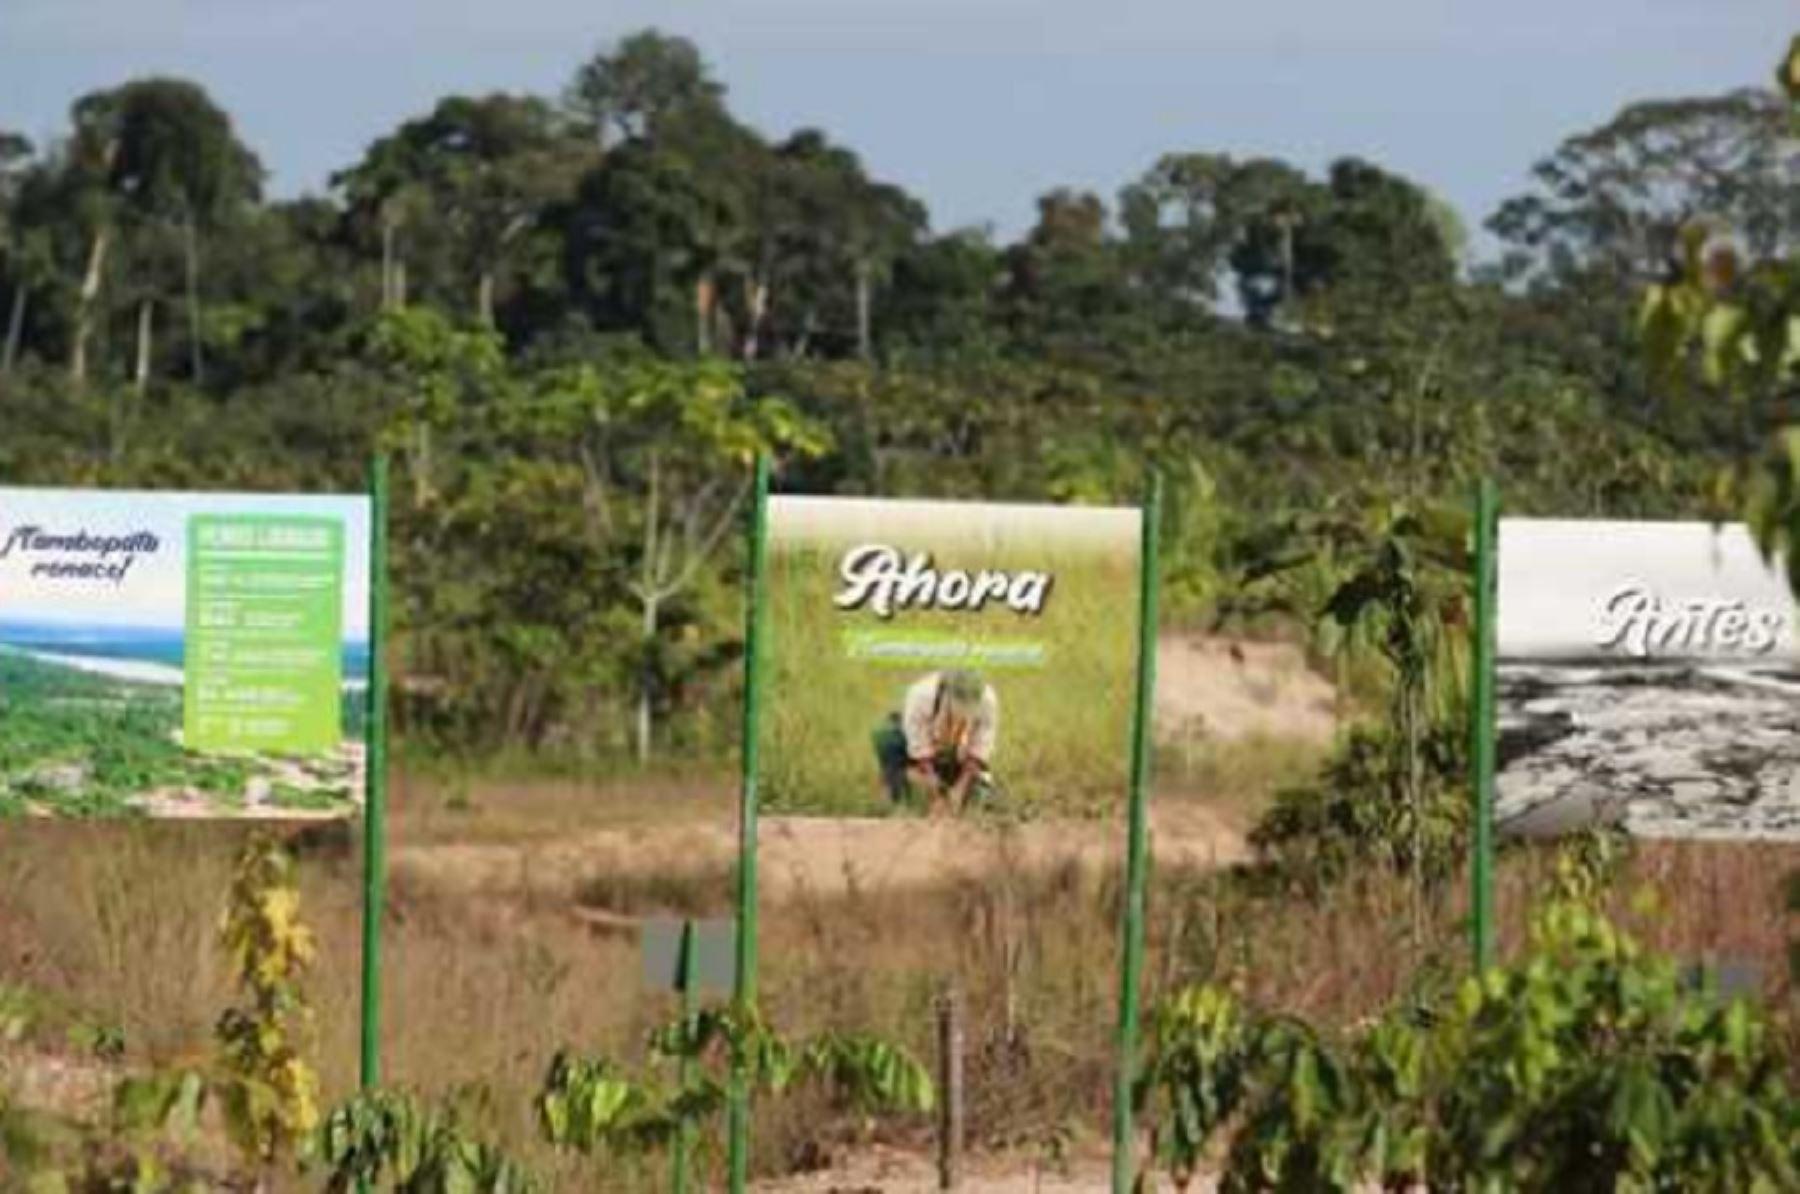 Alrededor de 750,000 plantas de especies nativas del país se han producido en los viveros del Instituto de Investigaciones de la Amazonía Peruana (IIAP) y fueron sembrados al interior de la Reserva Nacional Tambopata en la región Madre de Dios, culminando así el proceso de recuperación de las áreas degradadas por la minería ilegal en esa zona del país.